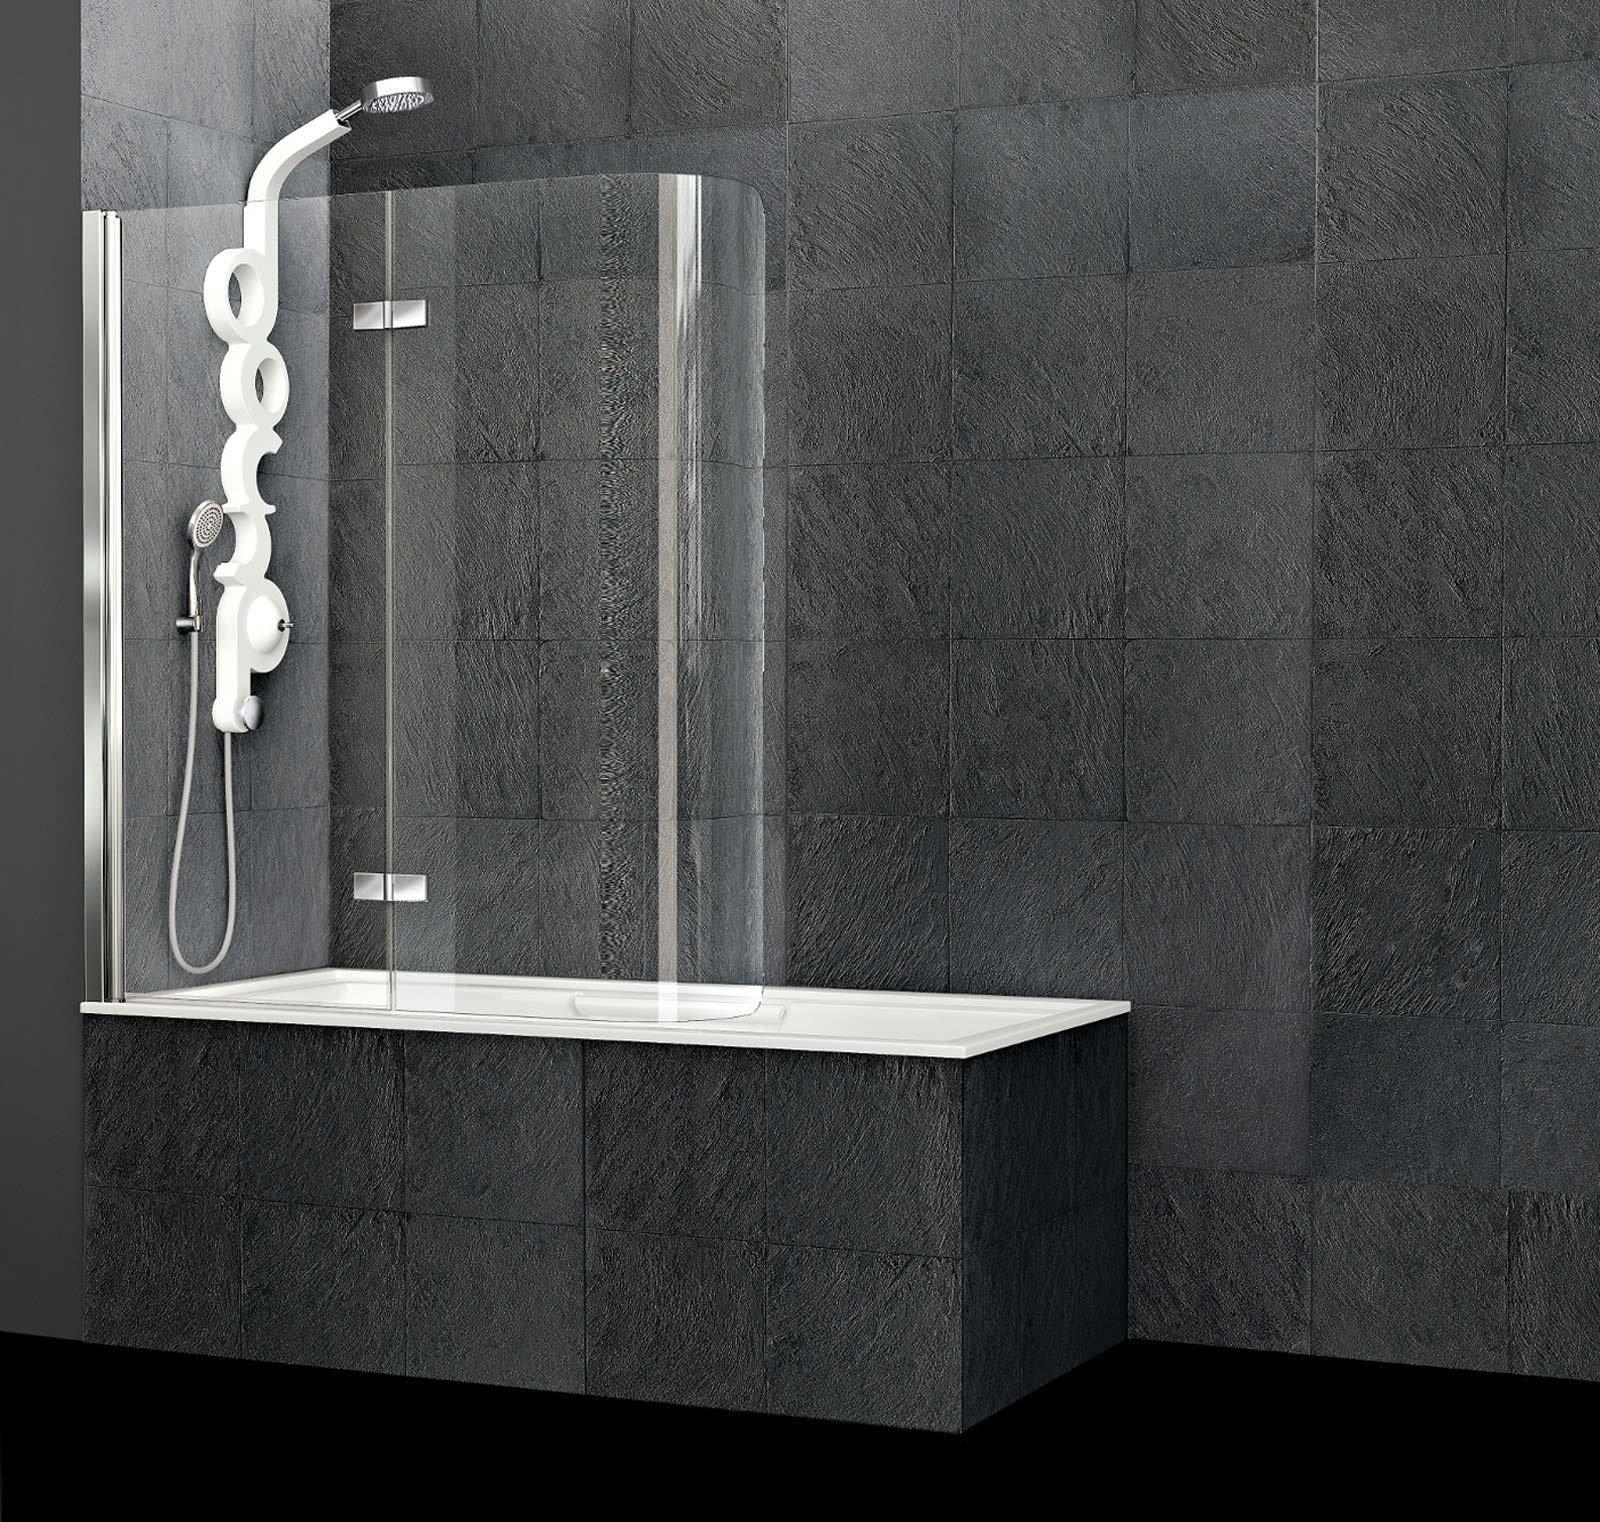 Vasca e doccia insieme cose di casa - Vasca da bagno combinata ...